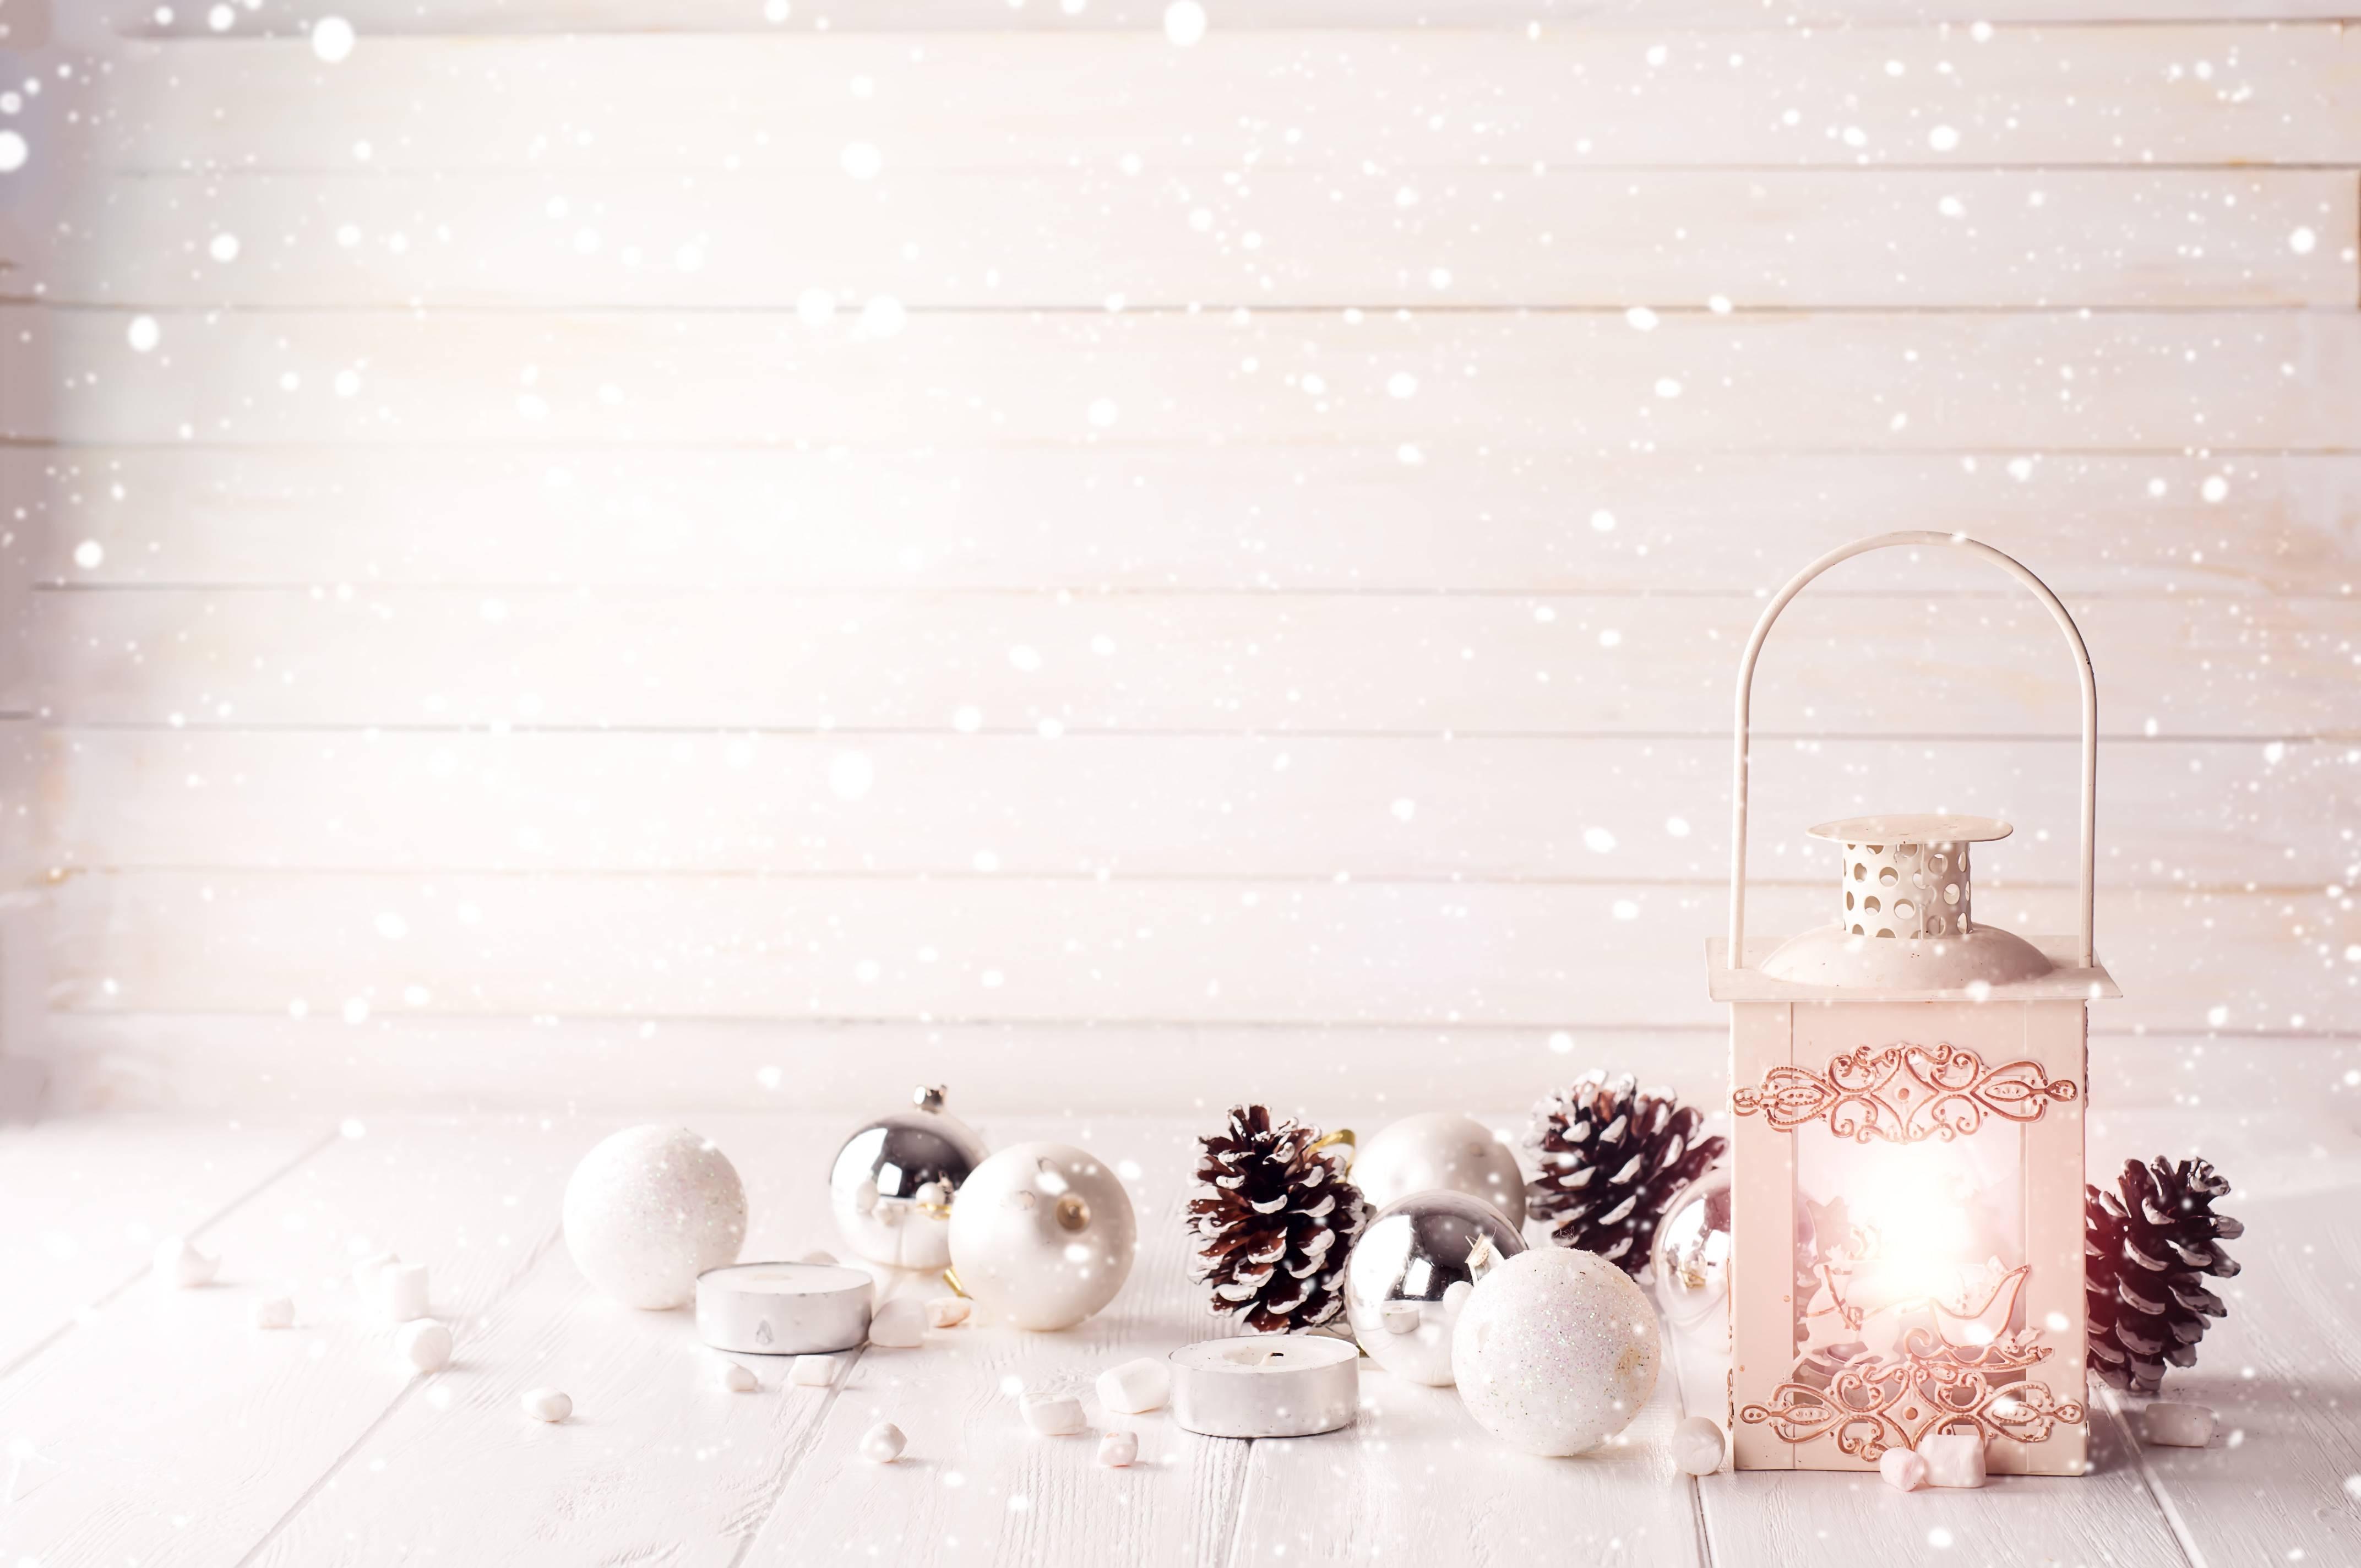 Le più belle lanterne fai da te per Natale 2018